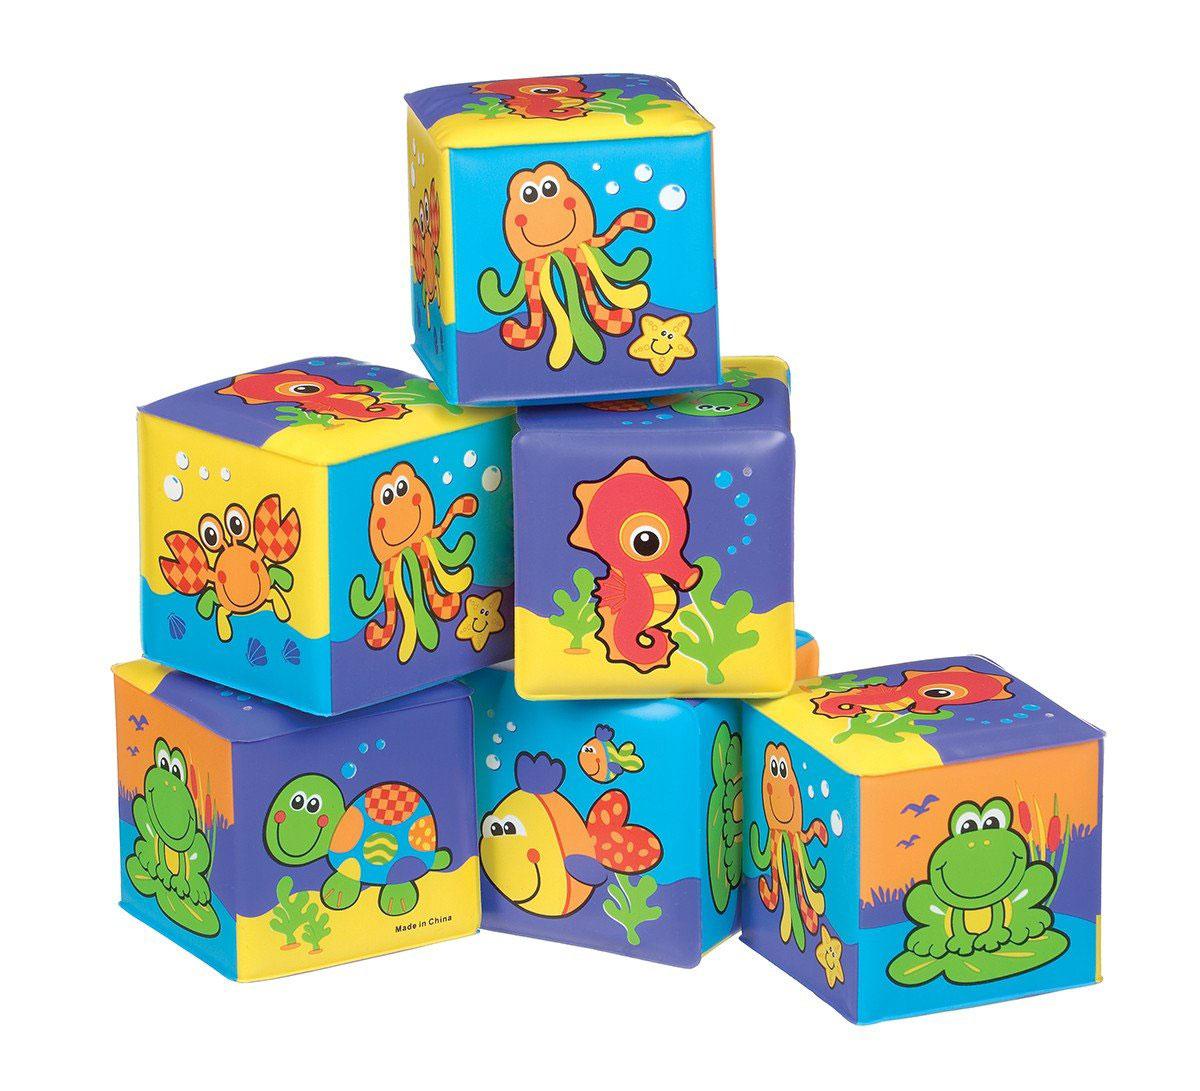 Playgro Набор игрушек для ванной Кубики 6 шт0181170Набор игрушек для ванной Playgro Кубики - это уникальный набор из шести мягких кубиков, которые познакомят вашего ребенка с окружающим миром. Яркие и привлекательные кубики имеют удобный для руки ребенка размер и комбинированную расцветку. Каждая грань кубика - это яркая картинка с животным, имеющим отношение к водному миру: рыбка, осьминог, морская черепаха, лягушка и морской конек. Кубики изготовлены из высококачественного материала, что делает их абсолютно безопасными в игре. Удачно подобранный размер и цвет развивают мышление, координацию движений и совершенствуют моторику нежных пальчиков малыша.